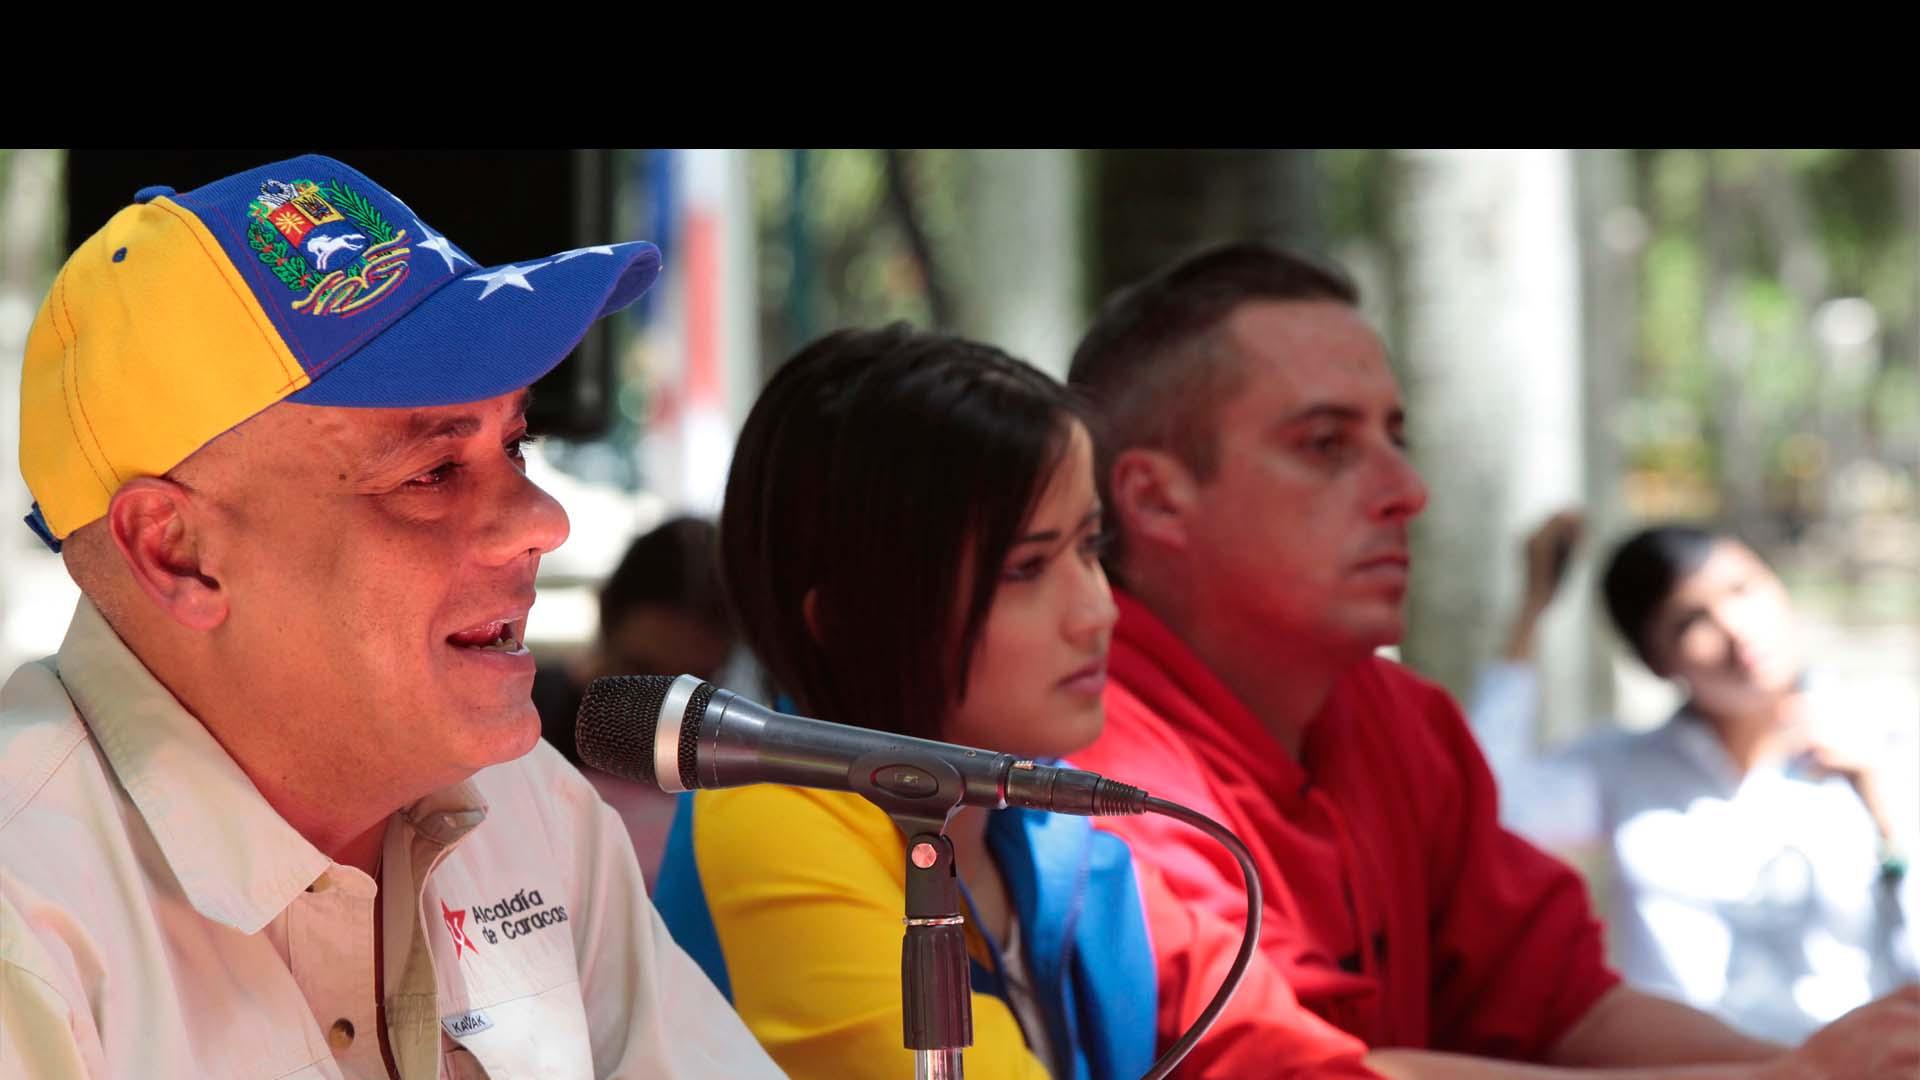 El alcalde metropolitano, Jorge Rodríguez, introducirá un recurso contra la MUD por rubricas defectuosas